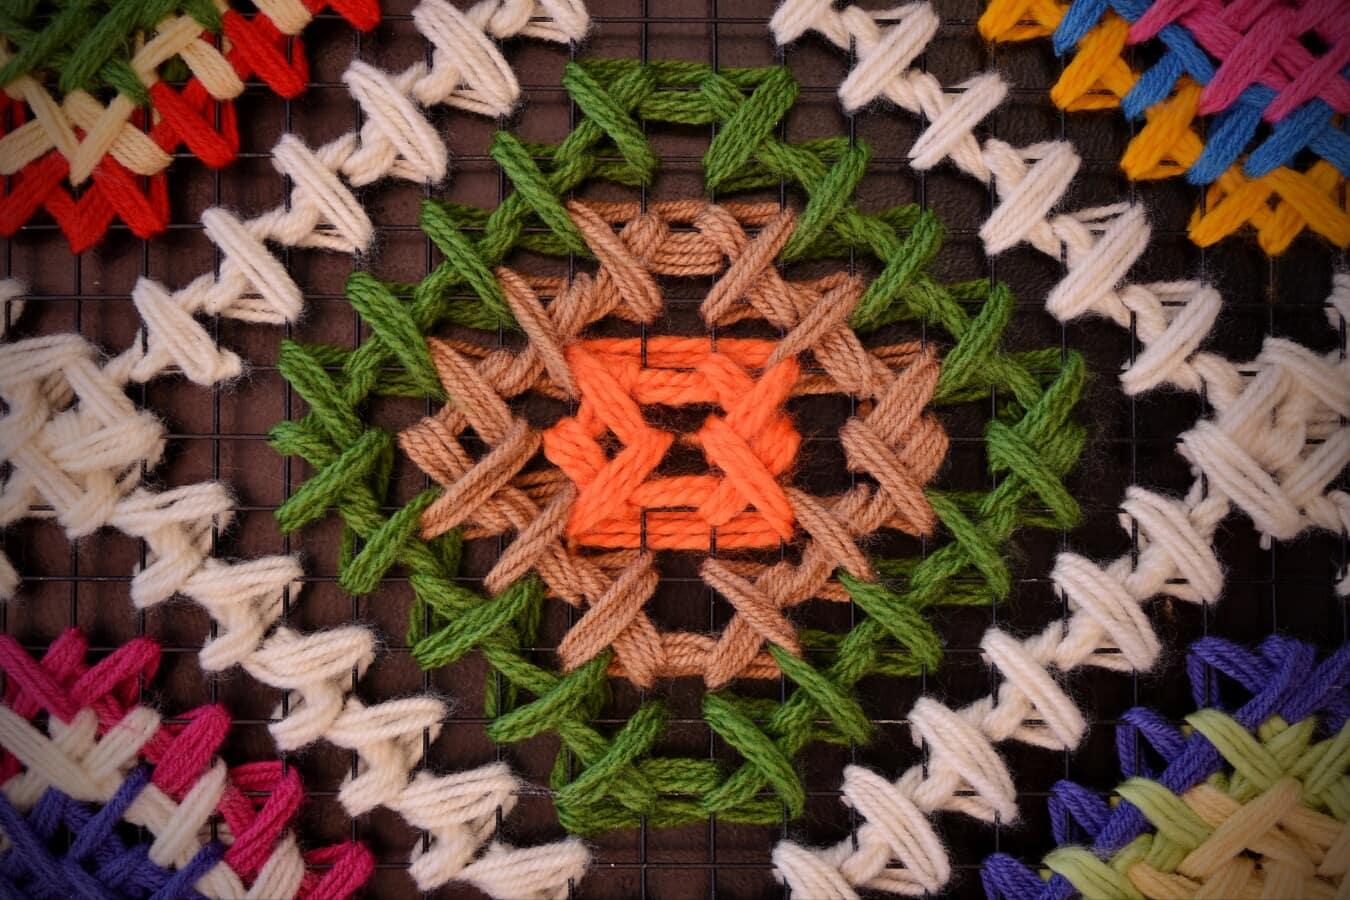 handgefertigte, Handwerk, Faser, Wolle, Design, Knot, Drähte, hausgemachte, Muster, Kunst